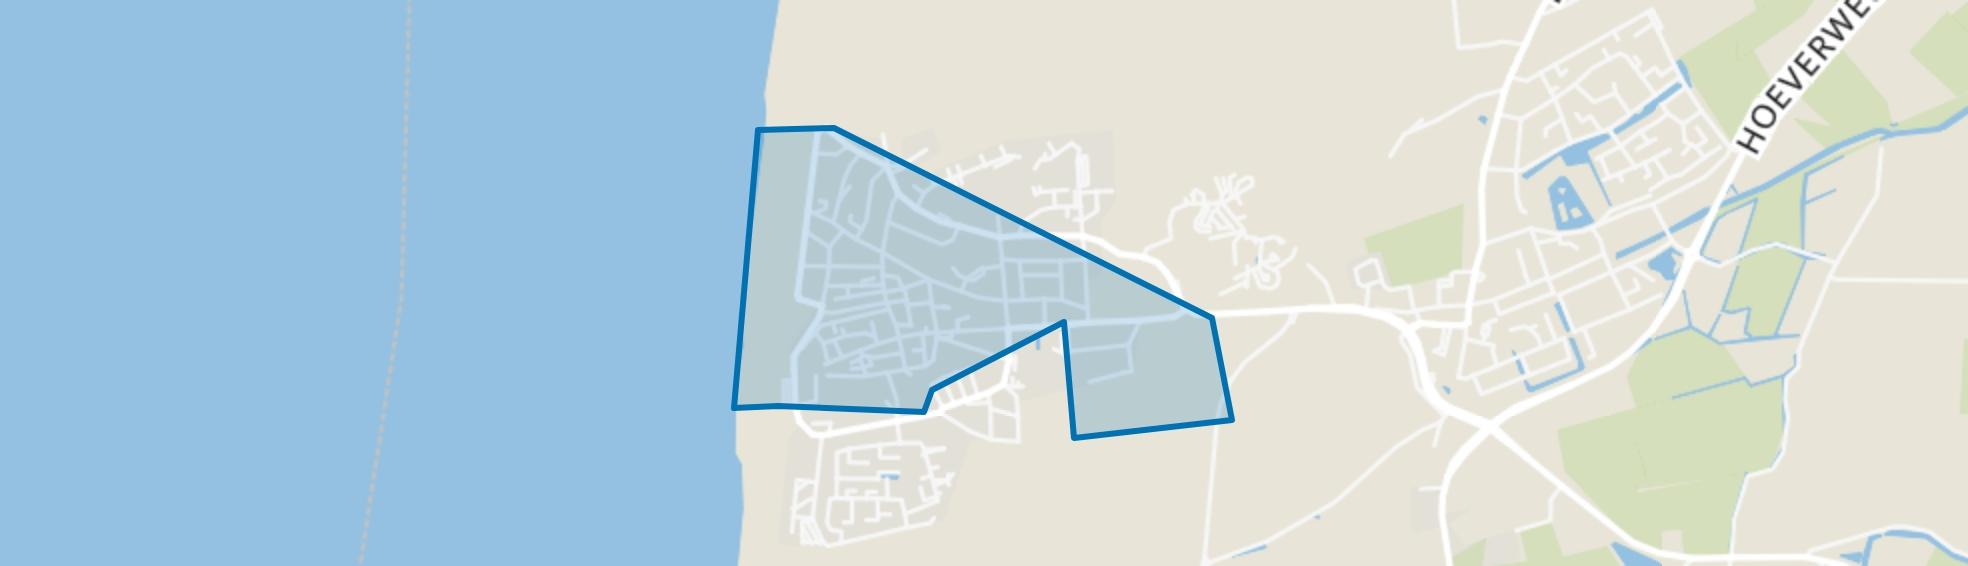 Egmond aan Zee, Egmond aan Zee map